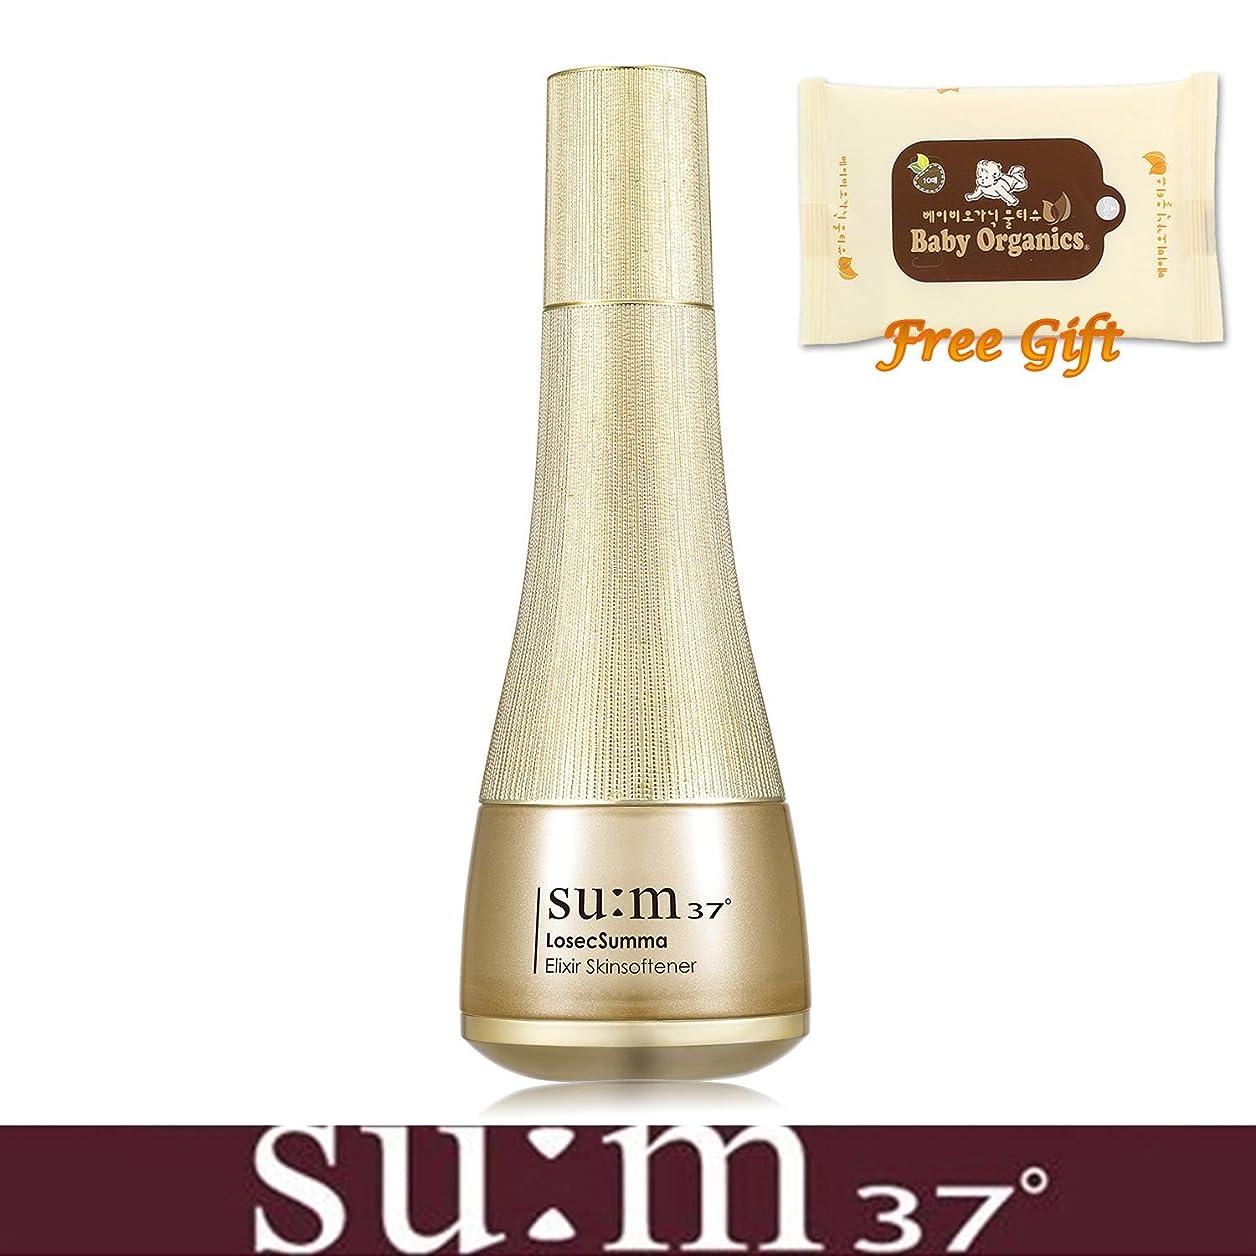 添付アクロバット海外[su:m37/スム37°] Sum 37 LOSEC SUMMA ELIXIR Skin softener 150 ml+ Portable Tissue/ スム37 LOSEC SUMMA ELIXIR スキンソフトナー 150ml + [Free Gift](海外直送品)